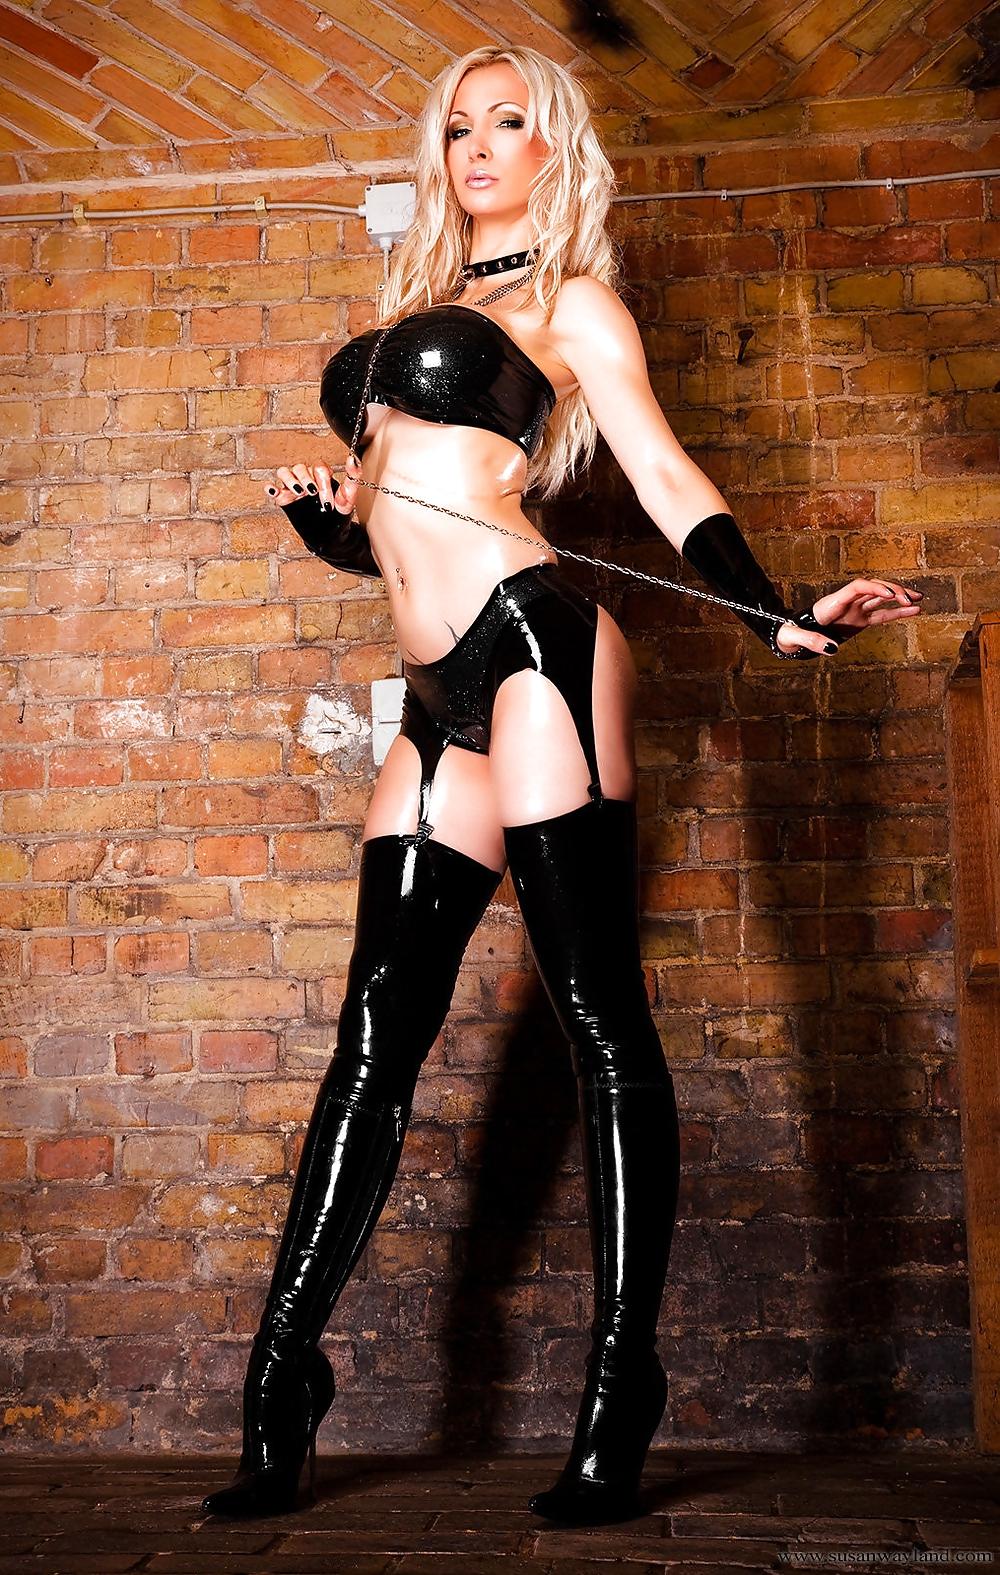 Кавалли секс госпожа в высоких сапогах фото мазо